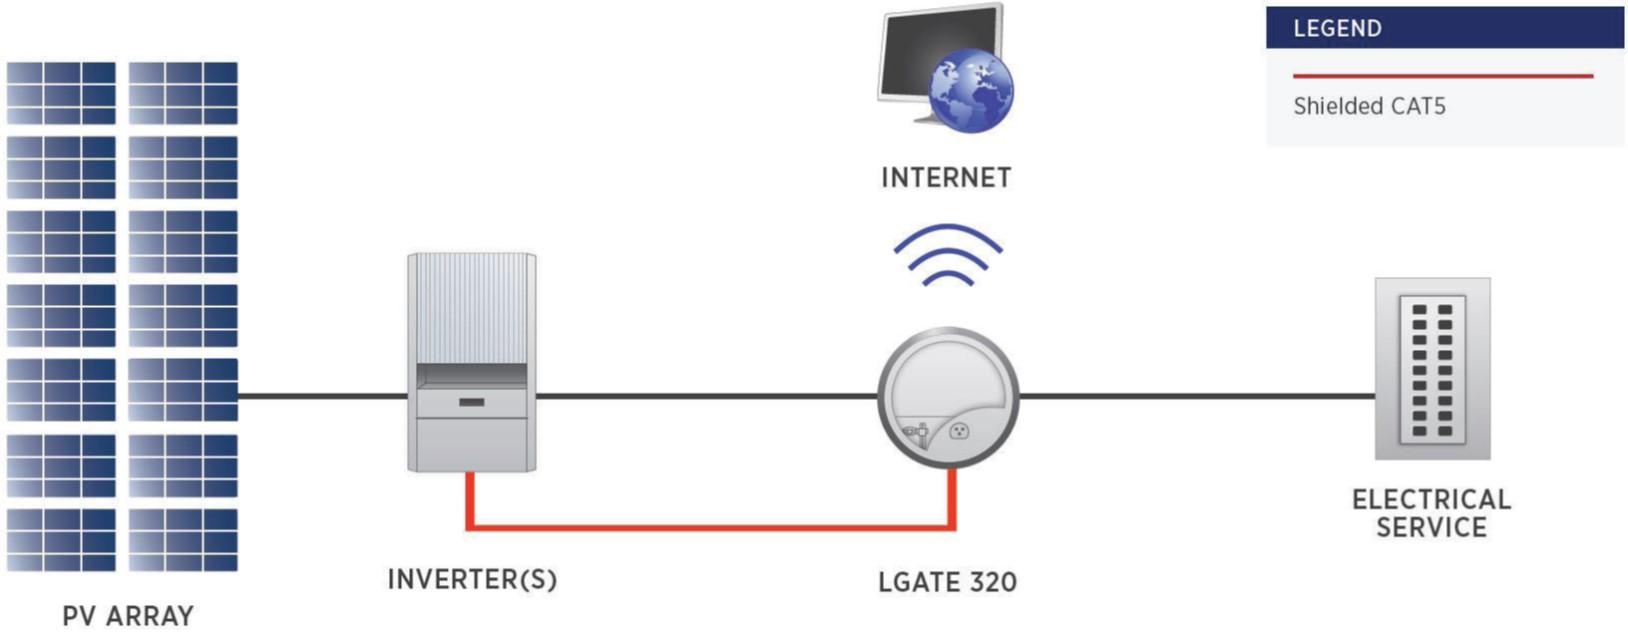 Locus Energy Commercial DAS Hardware Configuration